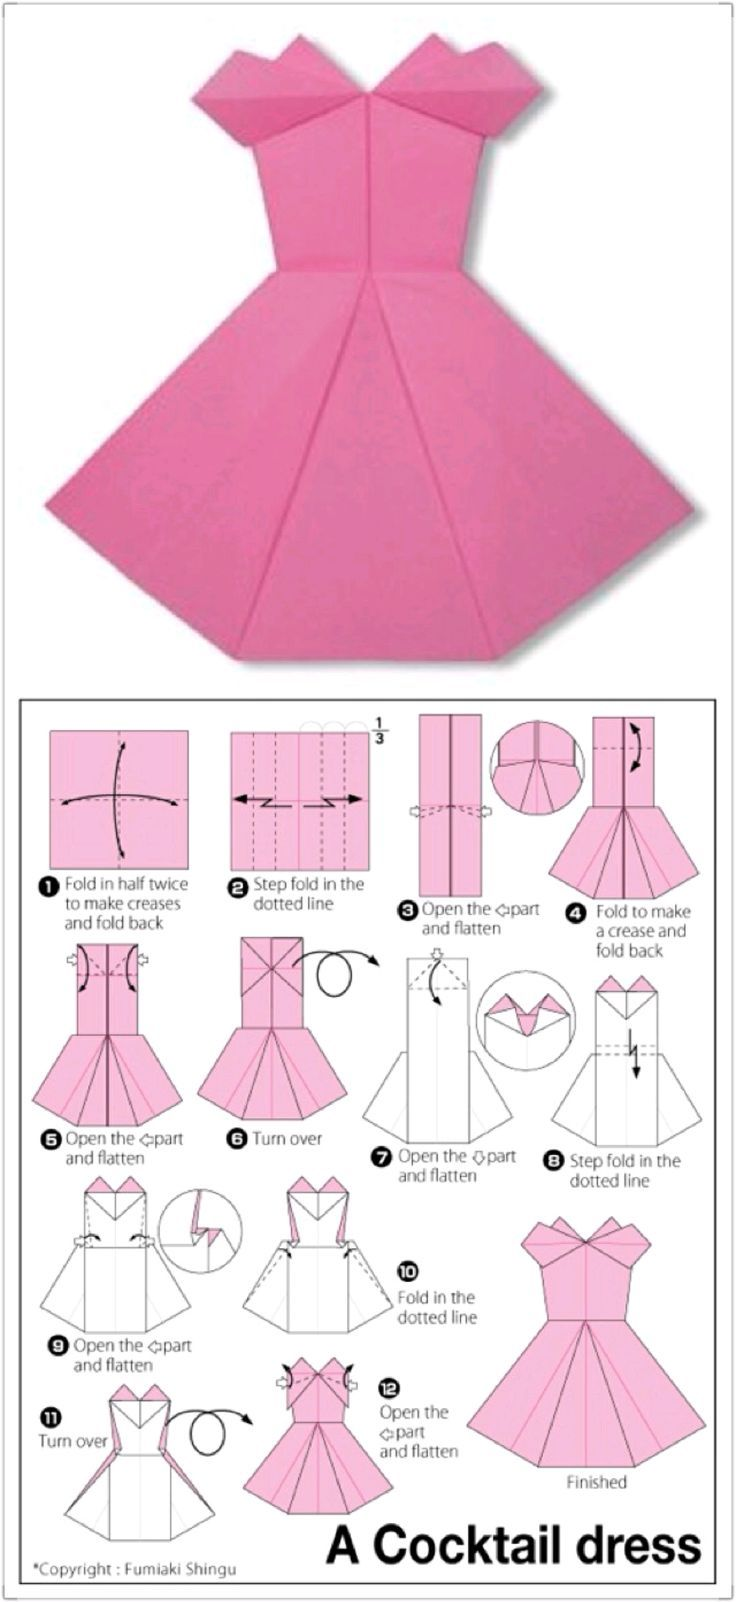 Origami ravishing origami dress best ideas about origami dress on origami ravishing origami dress best ideas about origami dress on diy paper crafts origami dress jeuxipadfo Choice Image